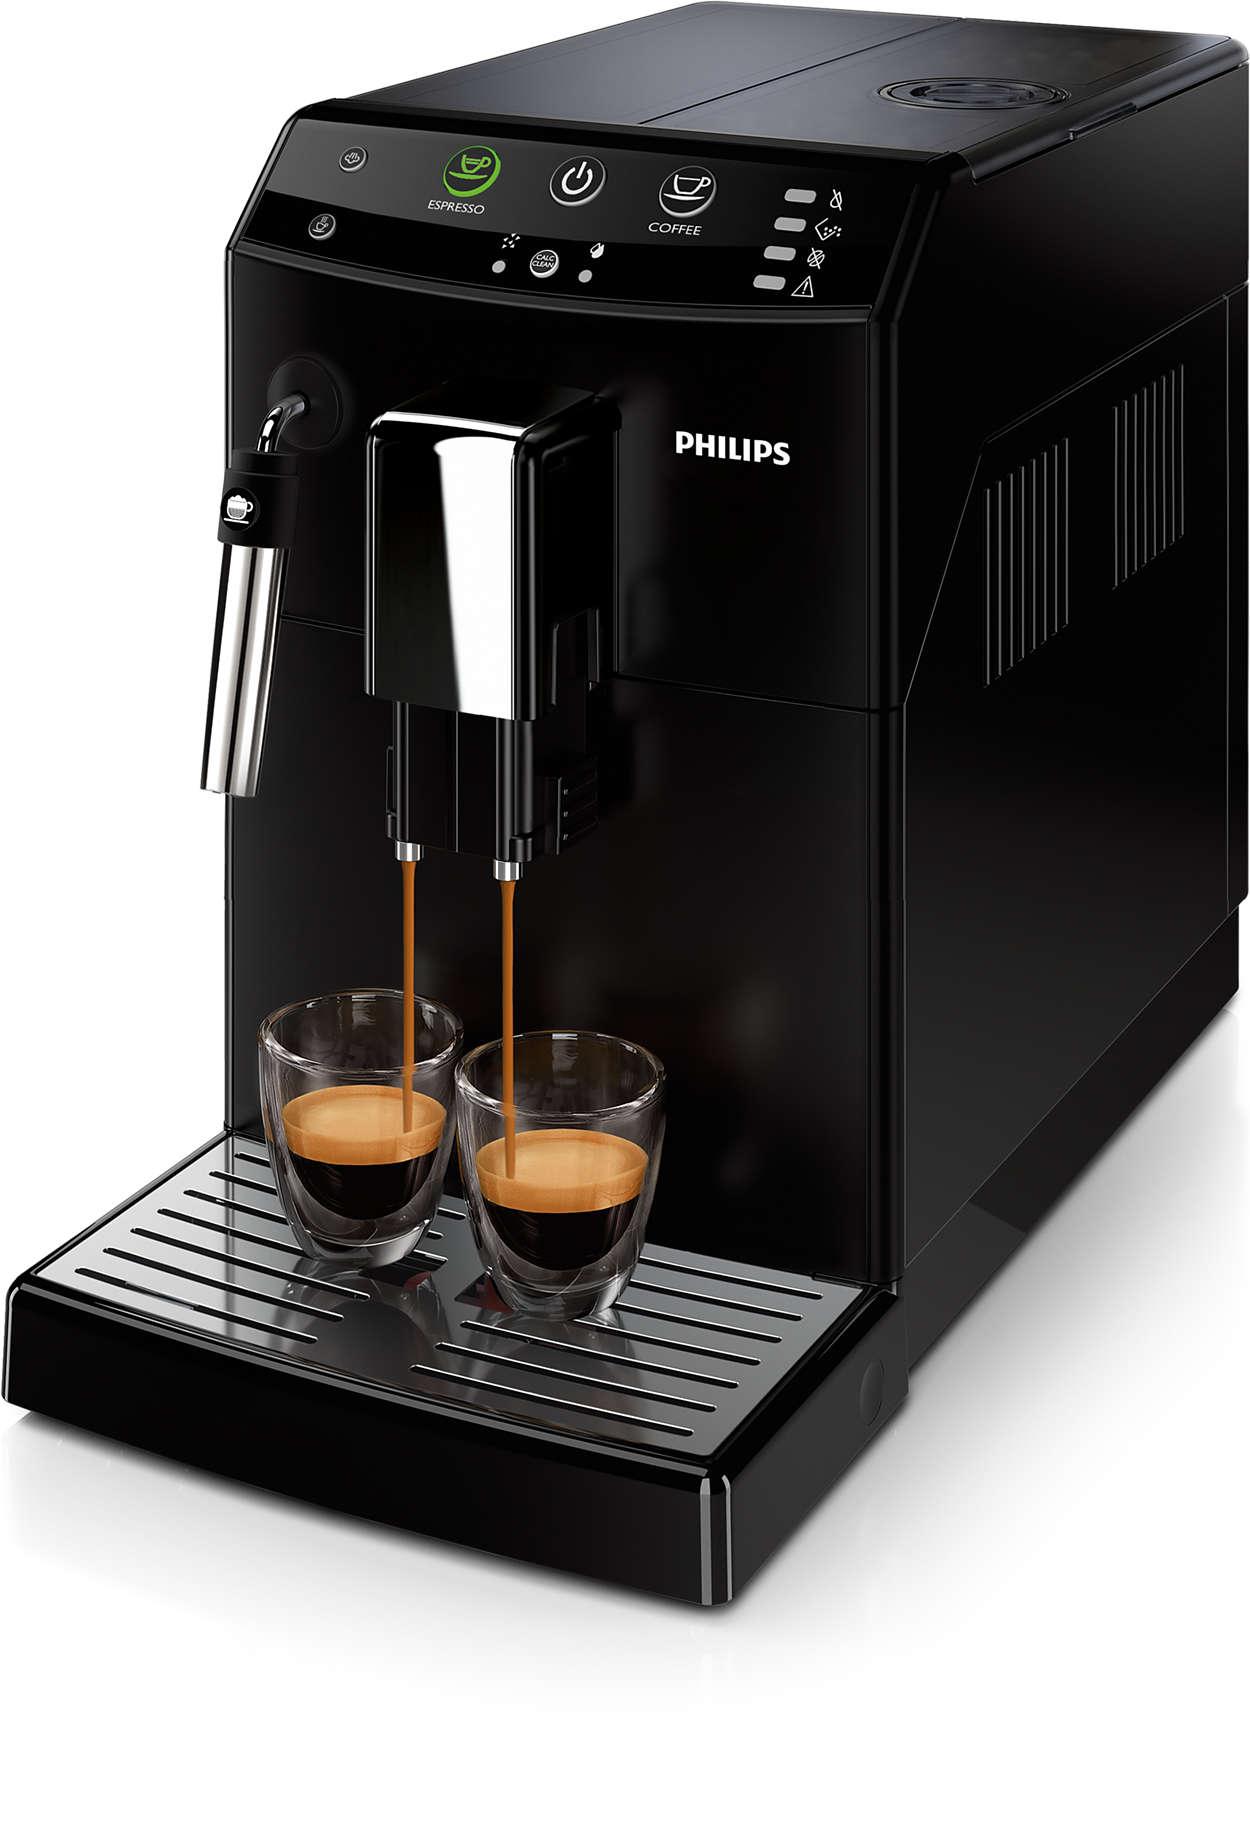 Mėgstama kava vos vieno mygtuko paspaudimu